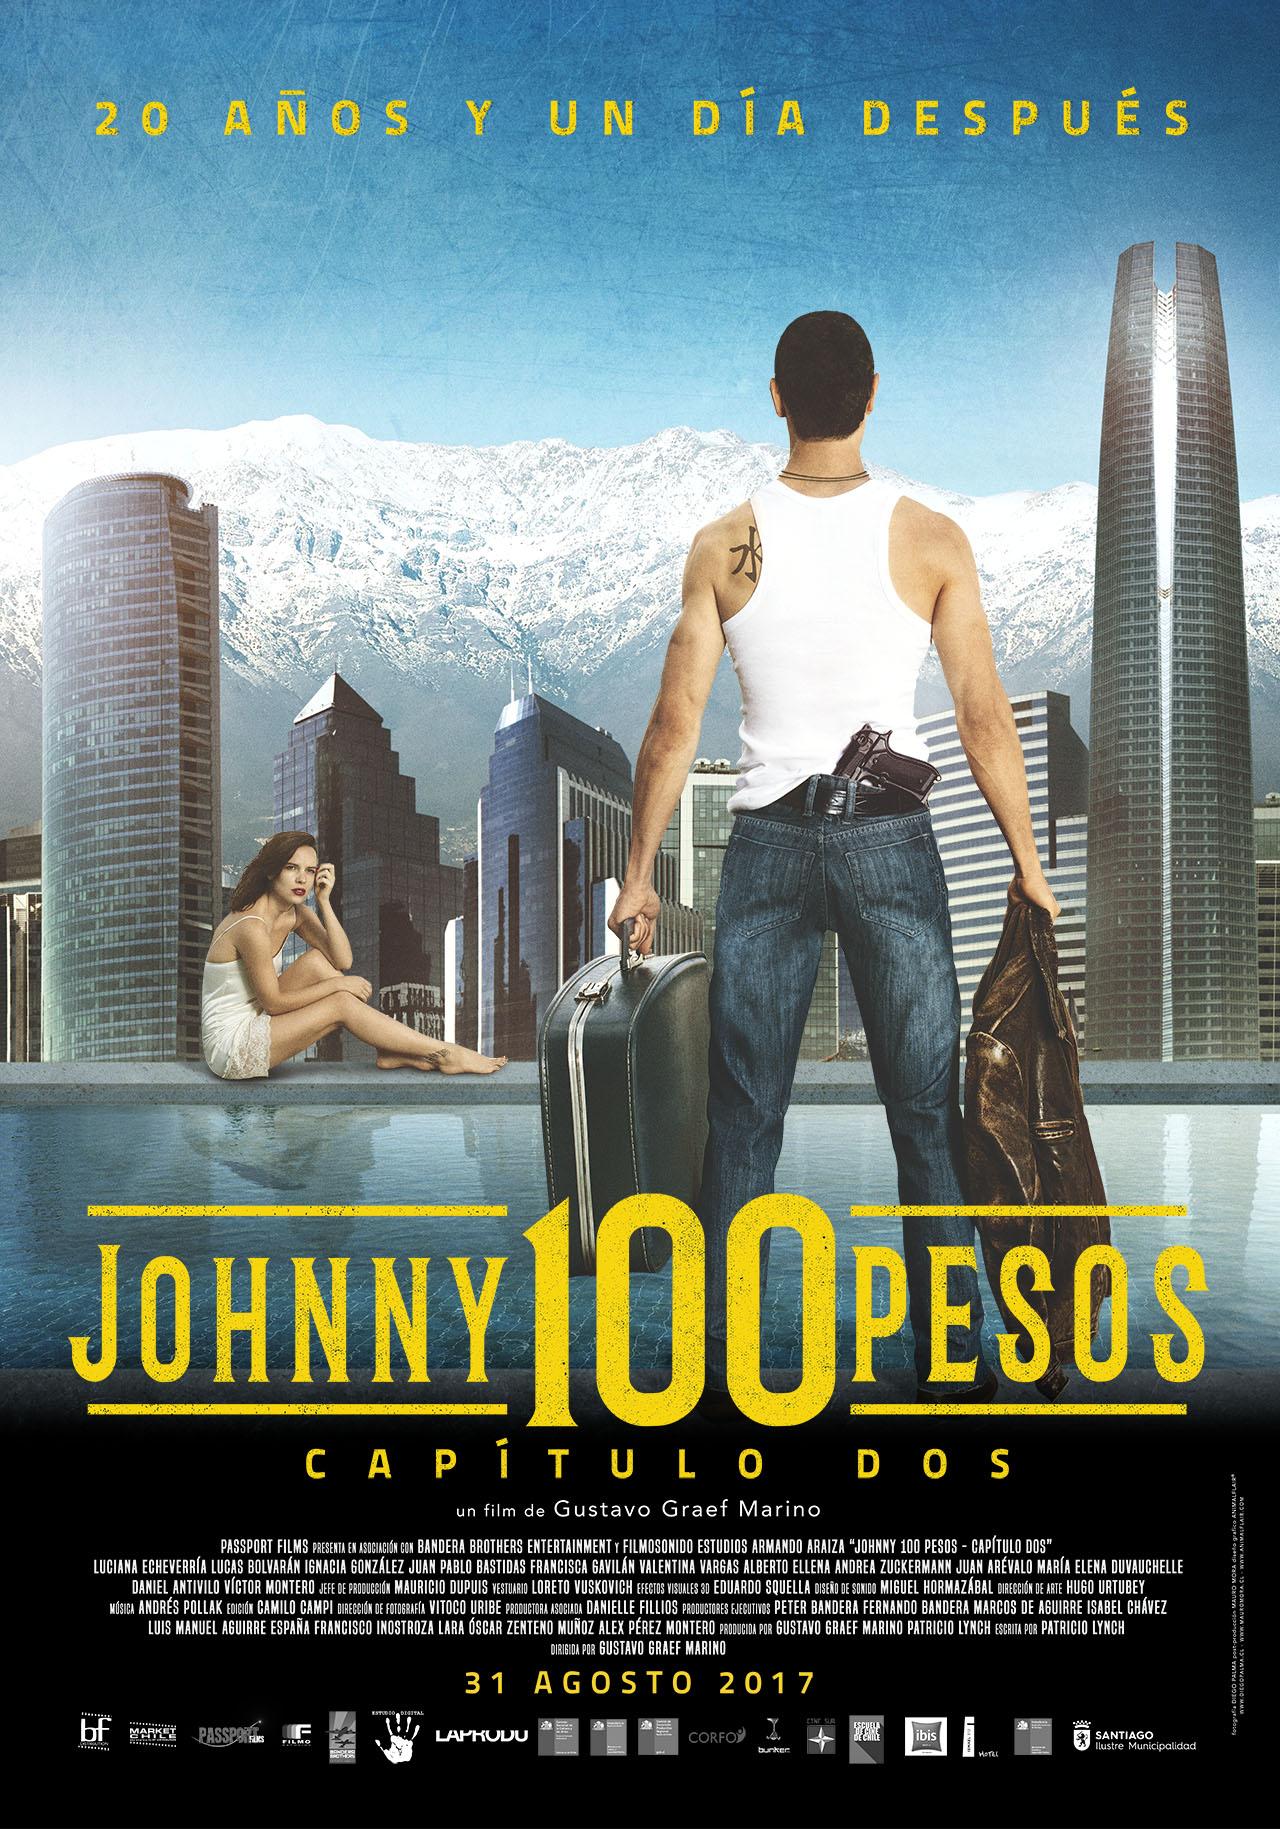 JOHNNY 100 PESOS 2